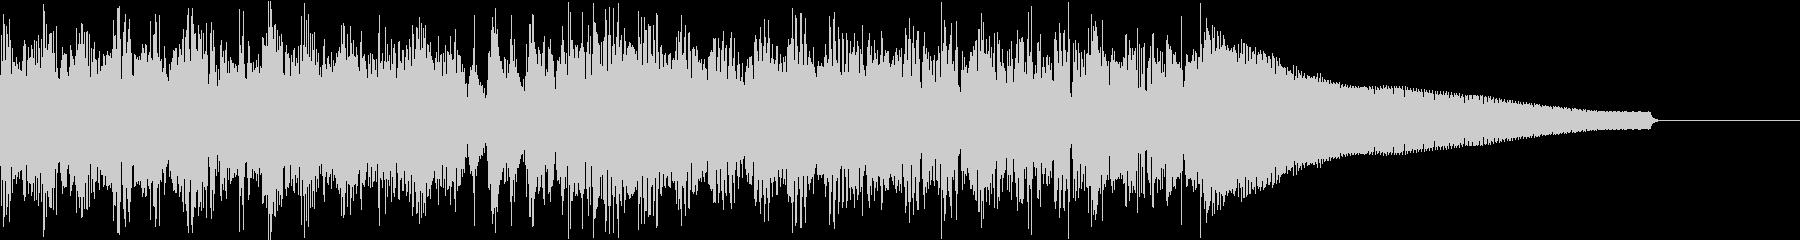 カントリー風ギターイントロ−07Jの未再生の波形